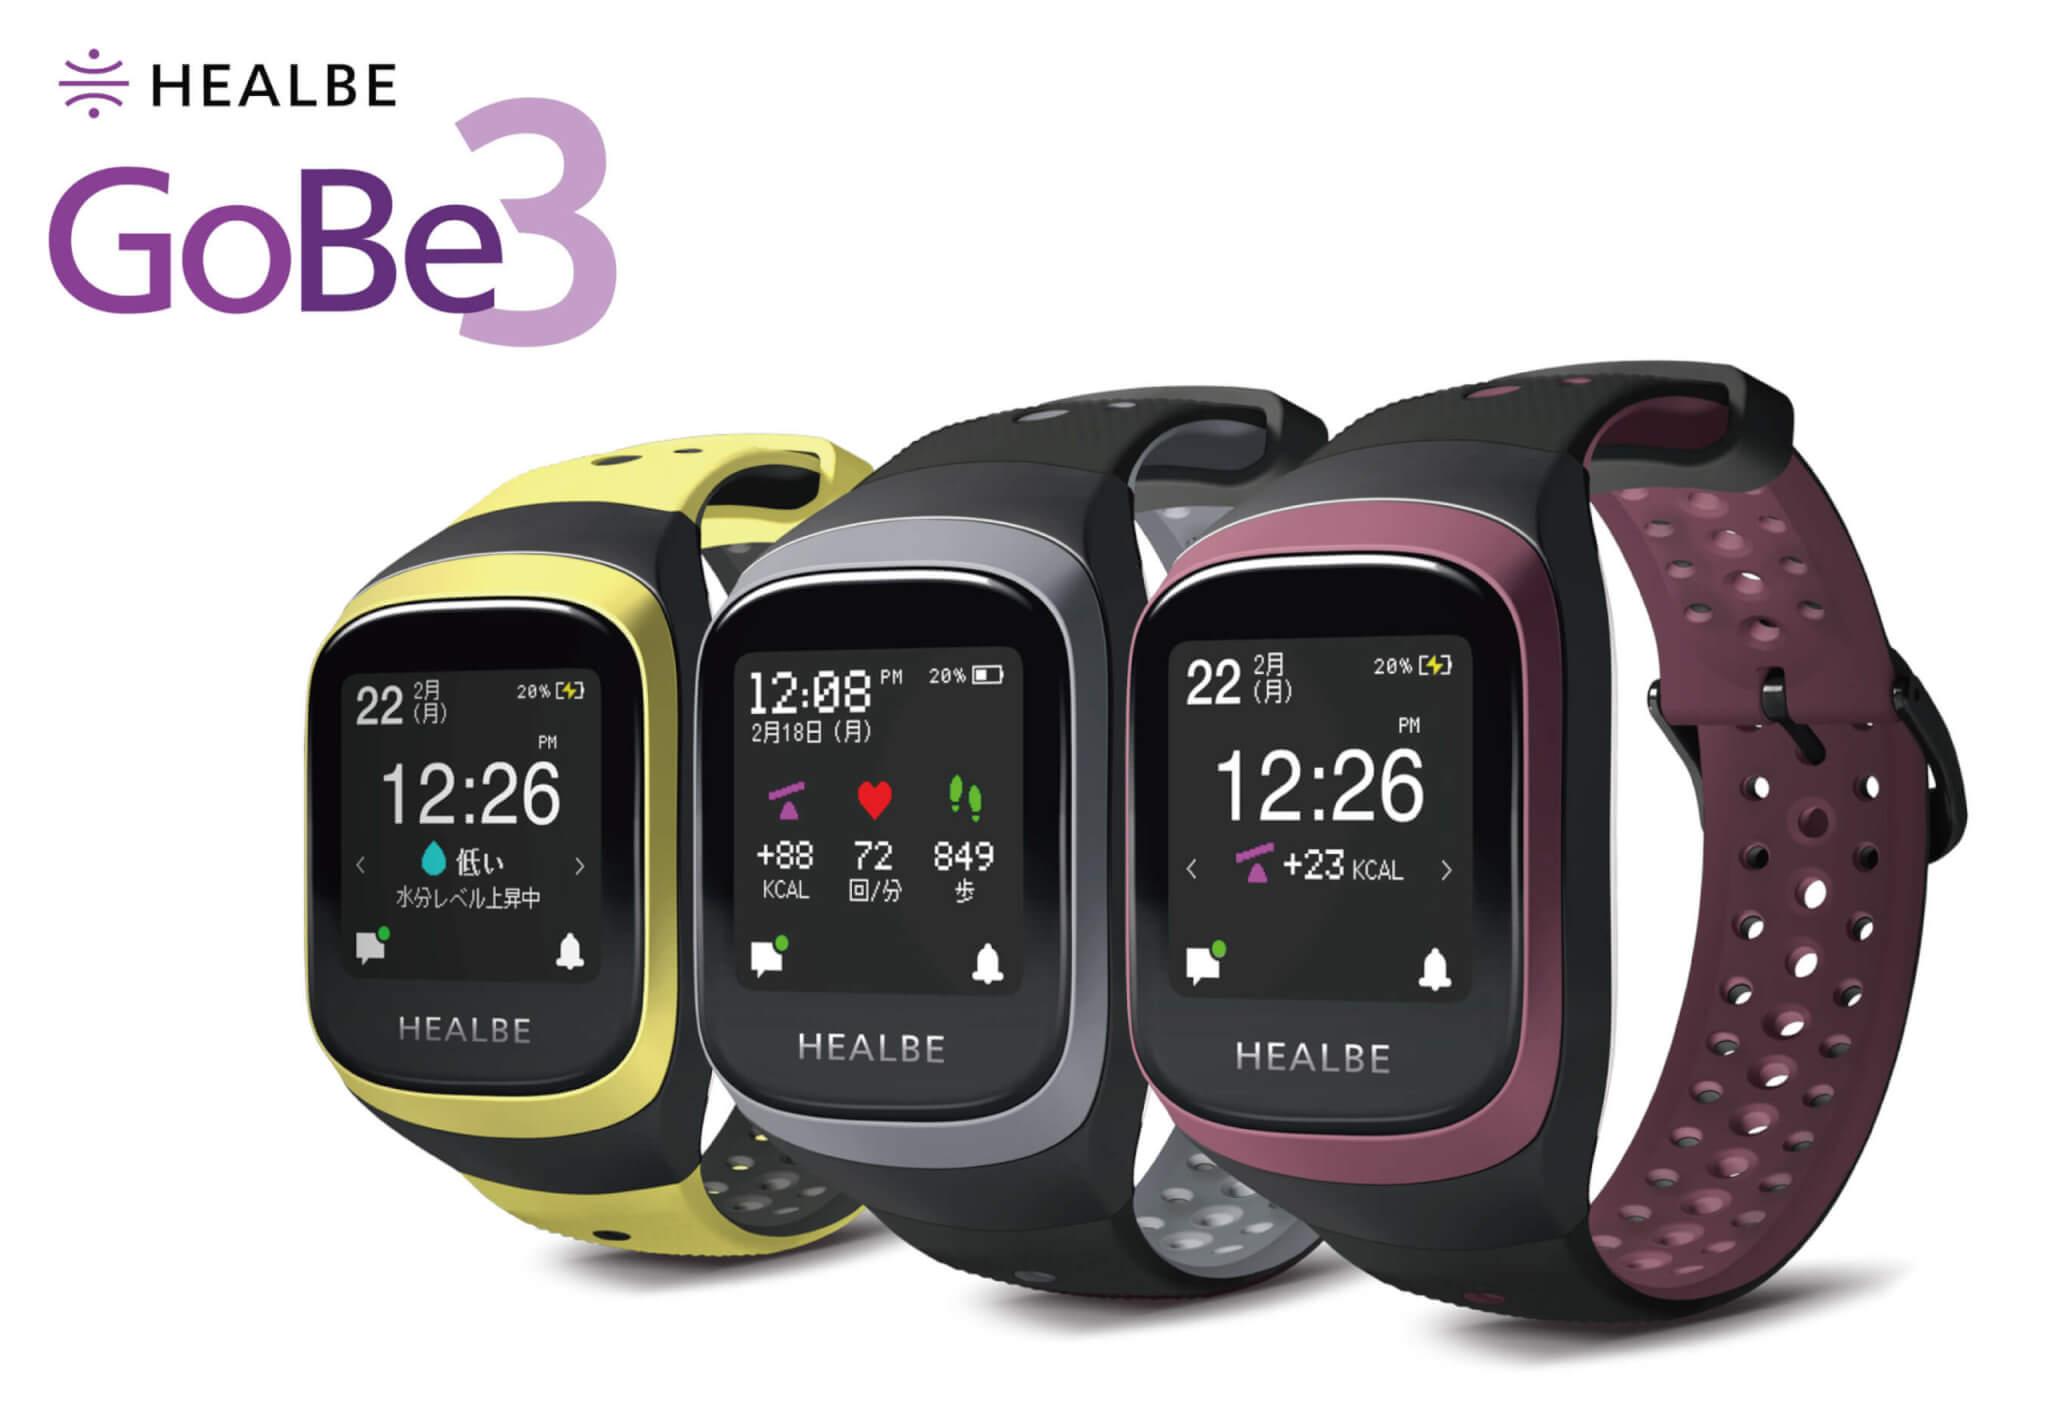 HEALBE 【GoBe3】 カラーはイエロー・ブラック/ブラック・グレー/バーガンディ・ブラックの3色。